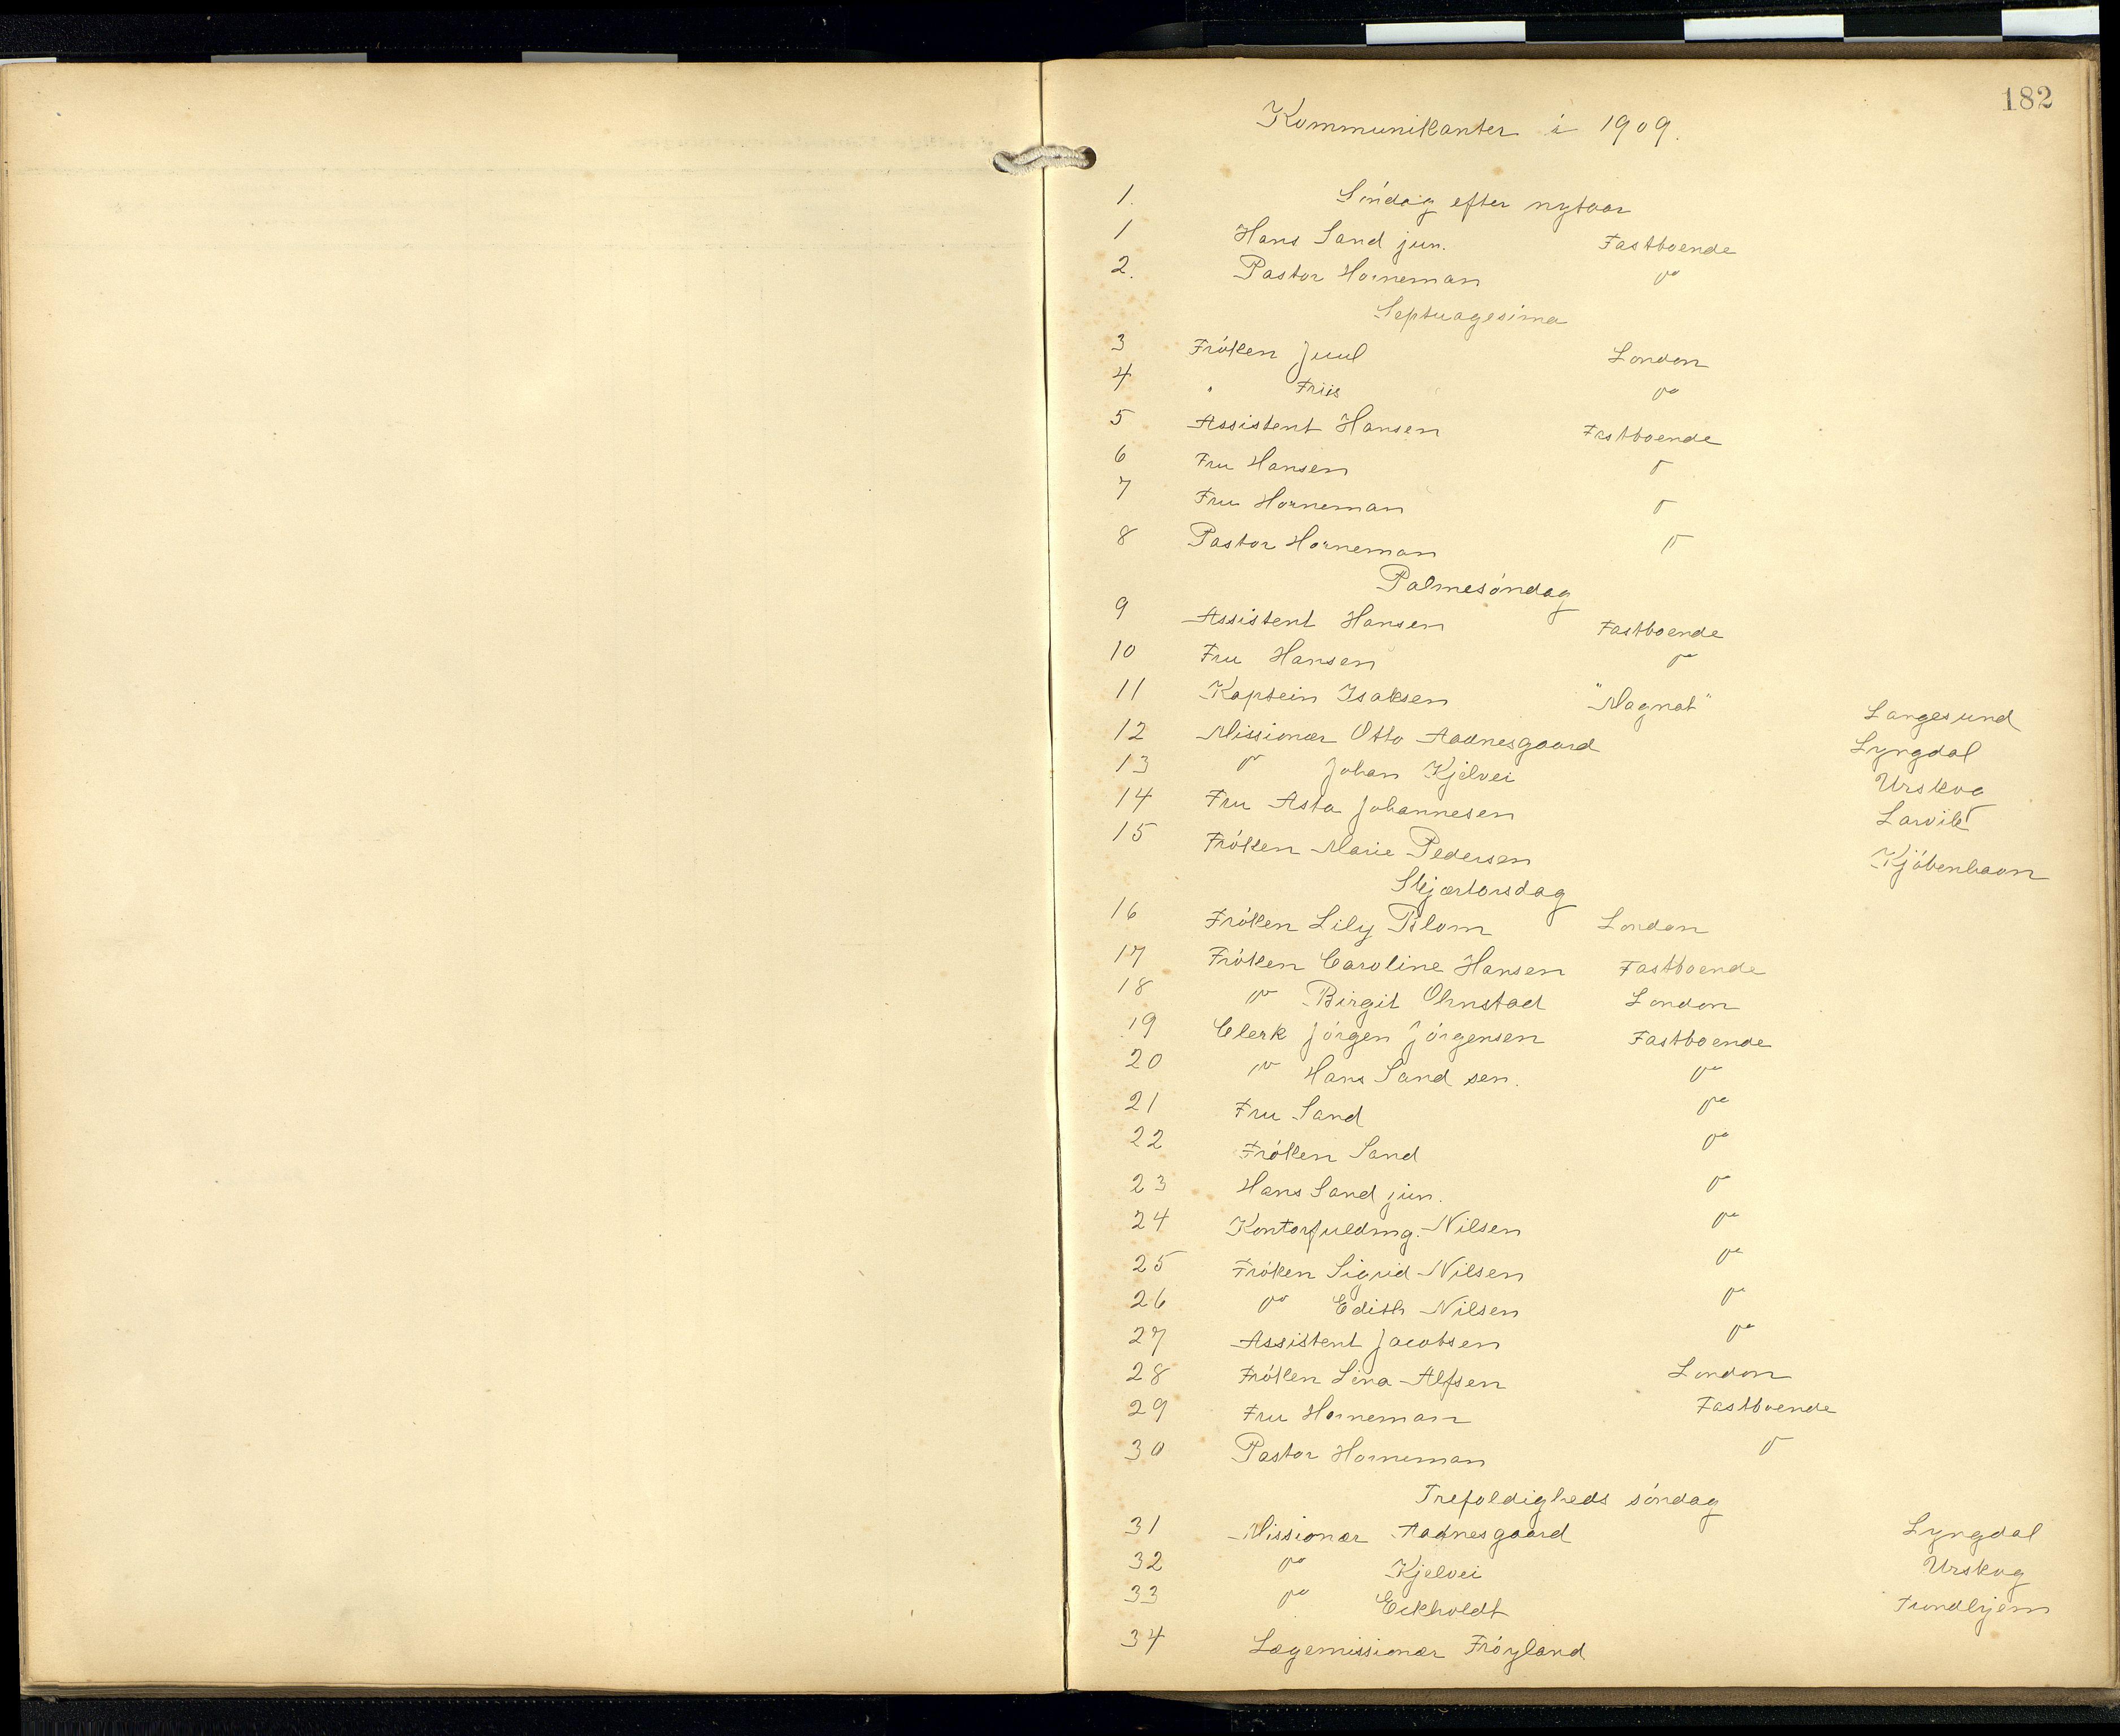 SAB, Privatarkiv 103 - Den norske sjømannsmisjon i utlandet/London m/bistasjoner, H/Ha/L0003: Ministerialbok nr. A 3, 1903-1934, s. 181b-182a